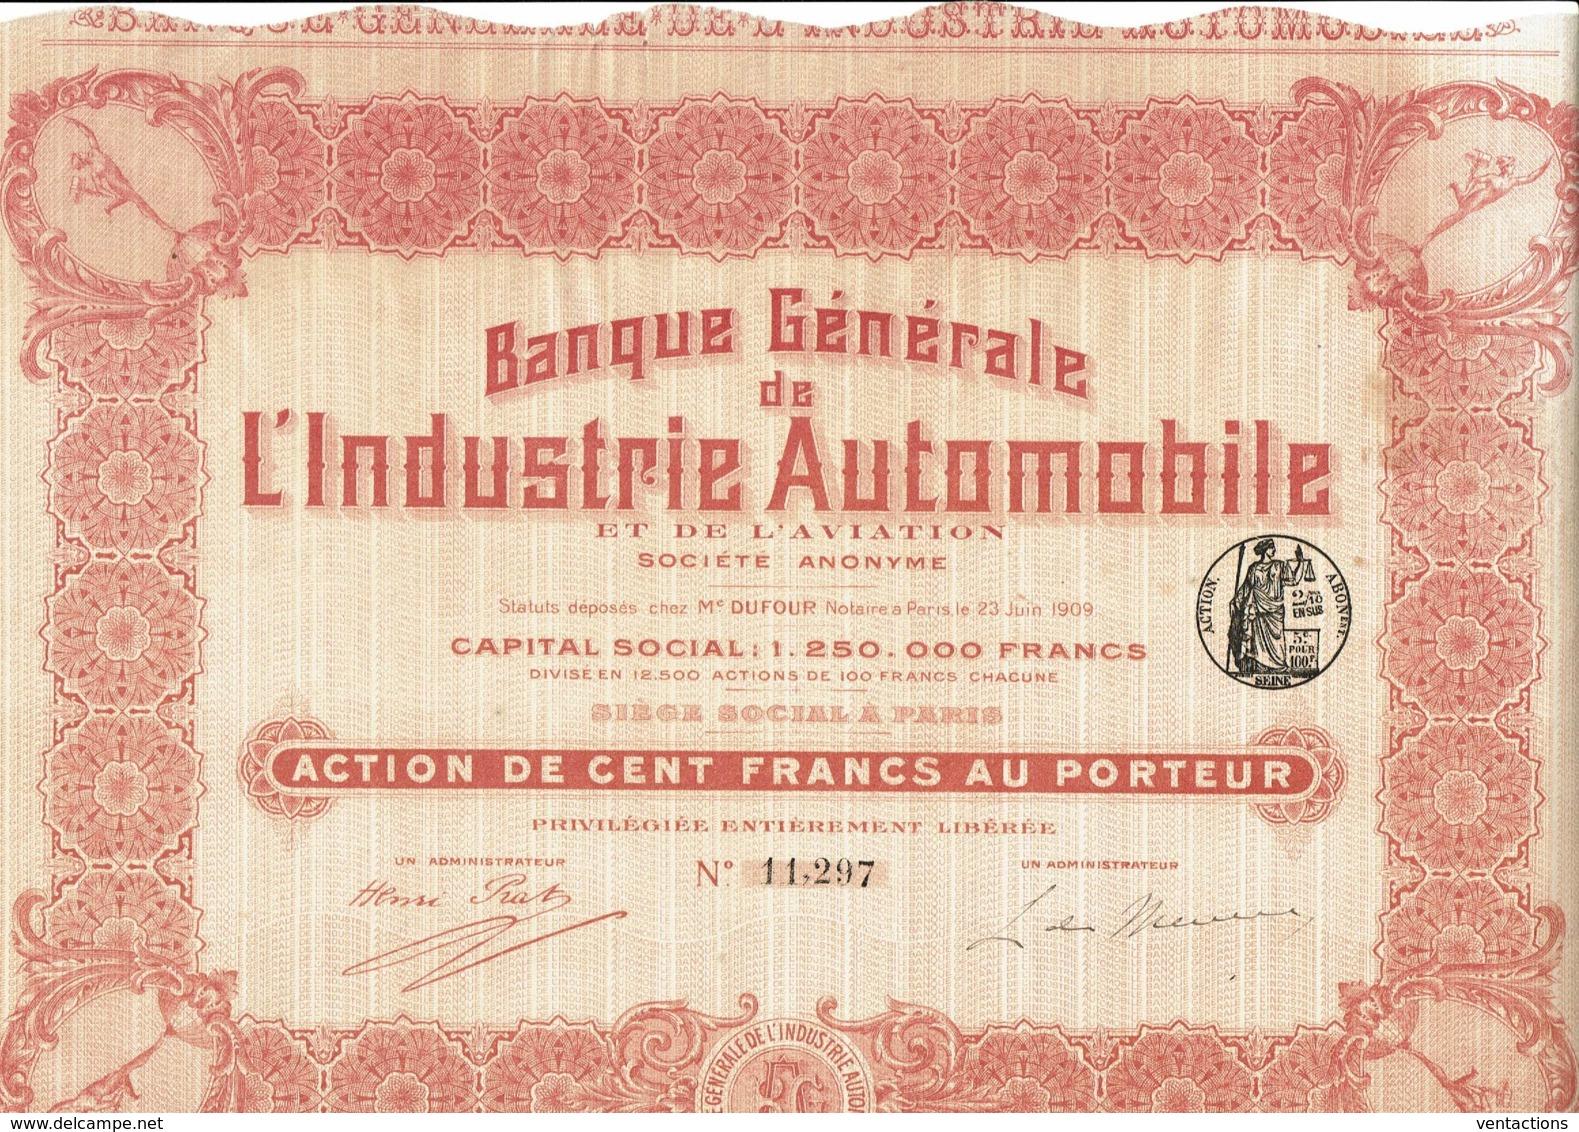 75-BANQUE GENERALE DE L'INDUSTRIE AUTOMOBILE & DE L'AVIATION - Other